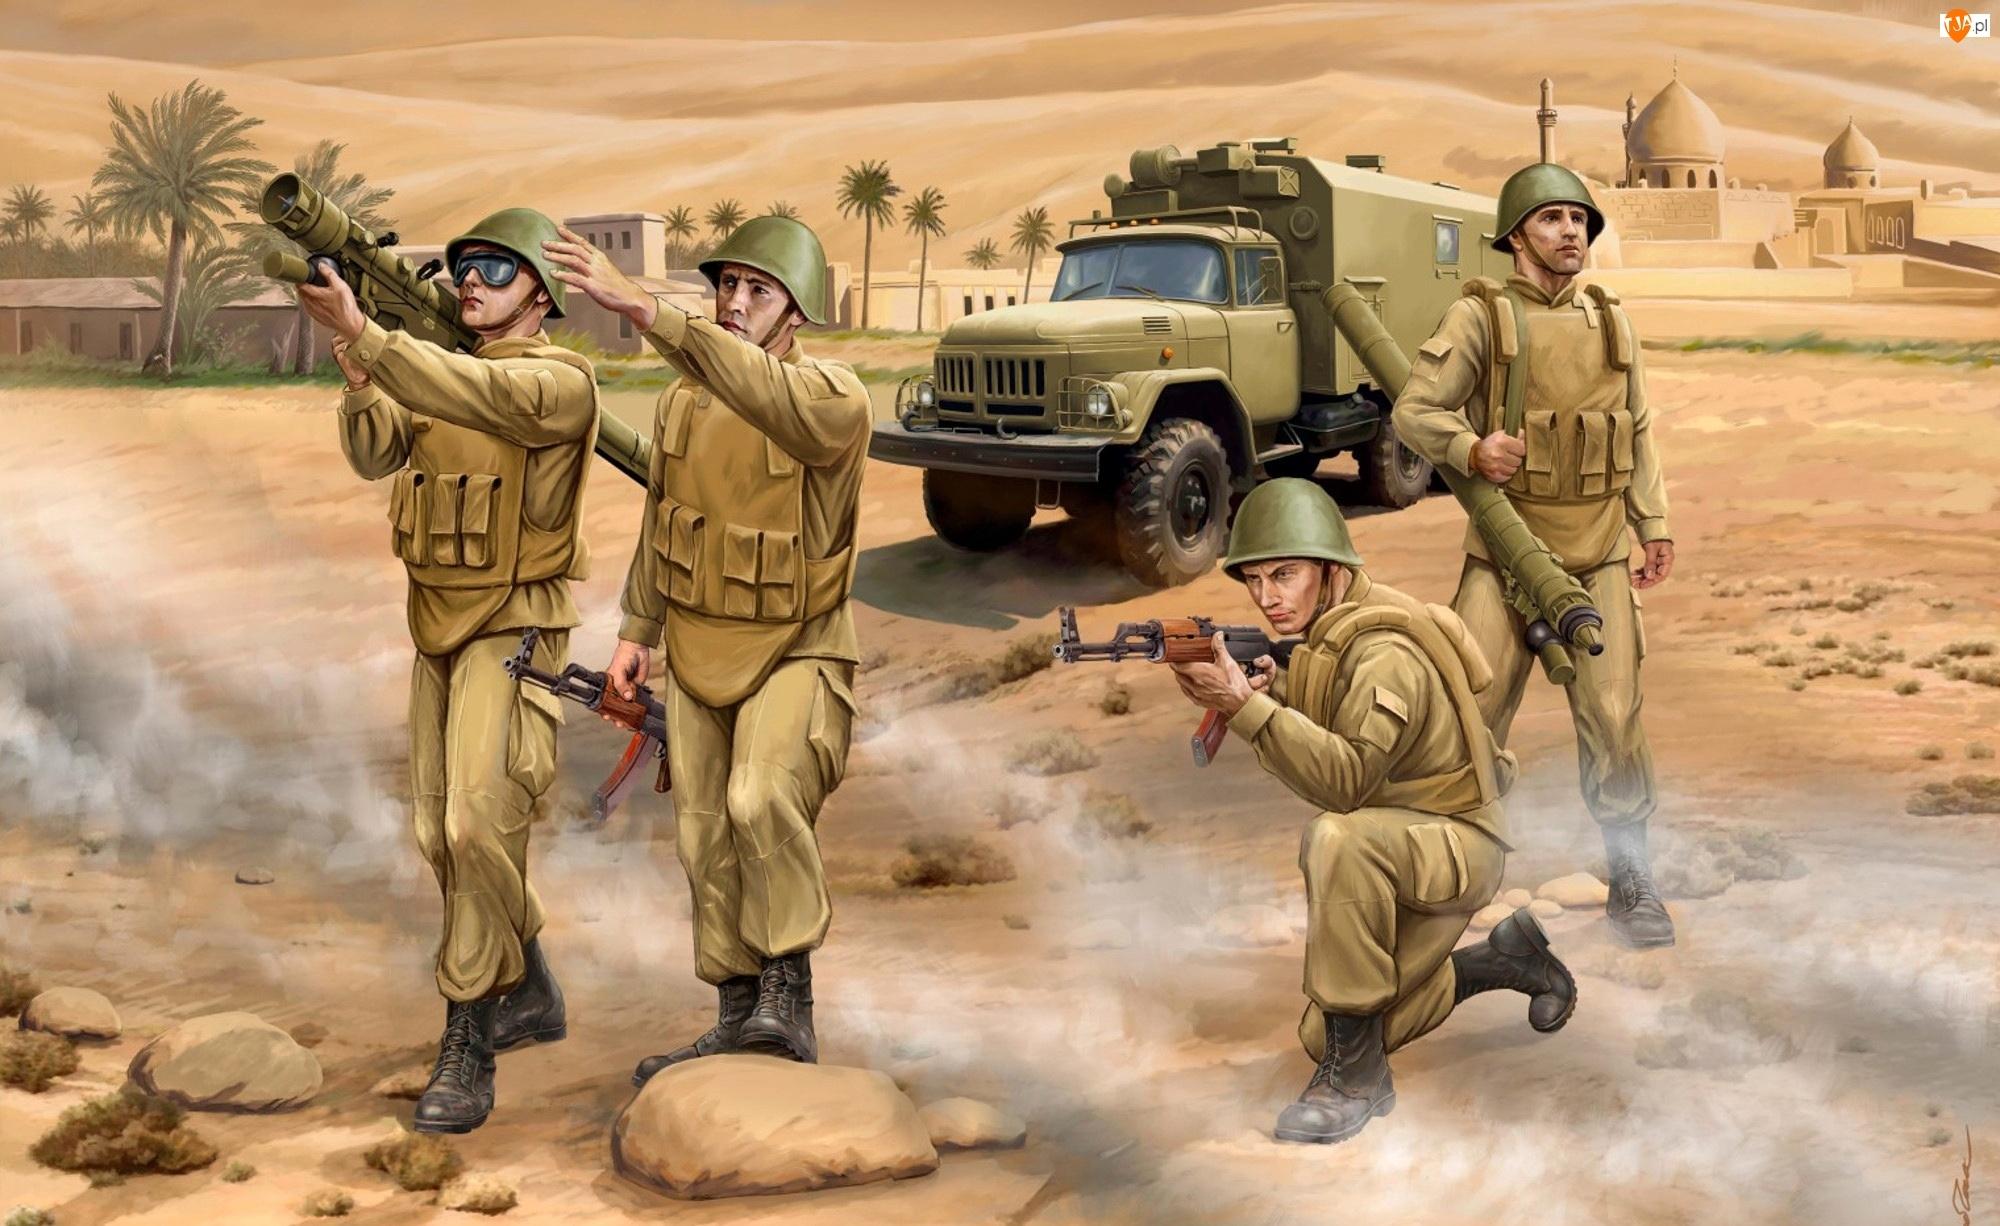 Żołnierze, Samochód, Broń, Walka